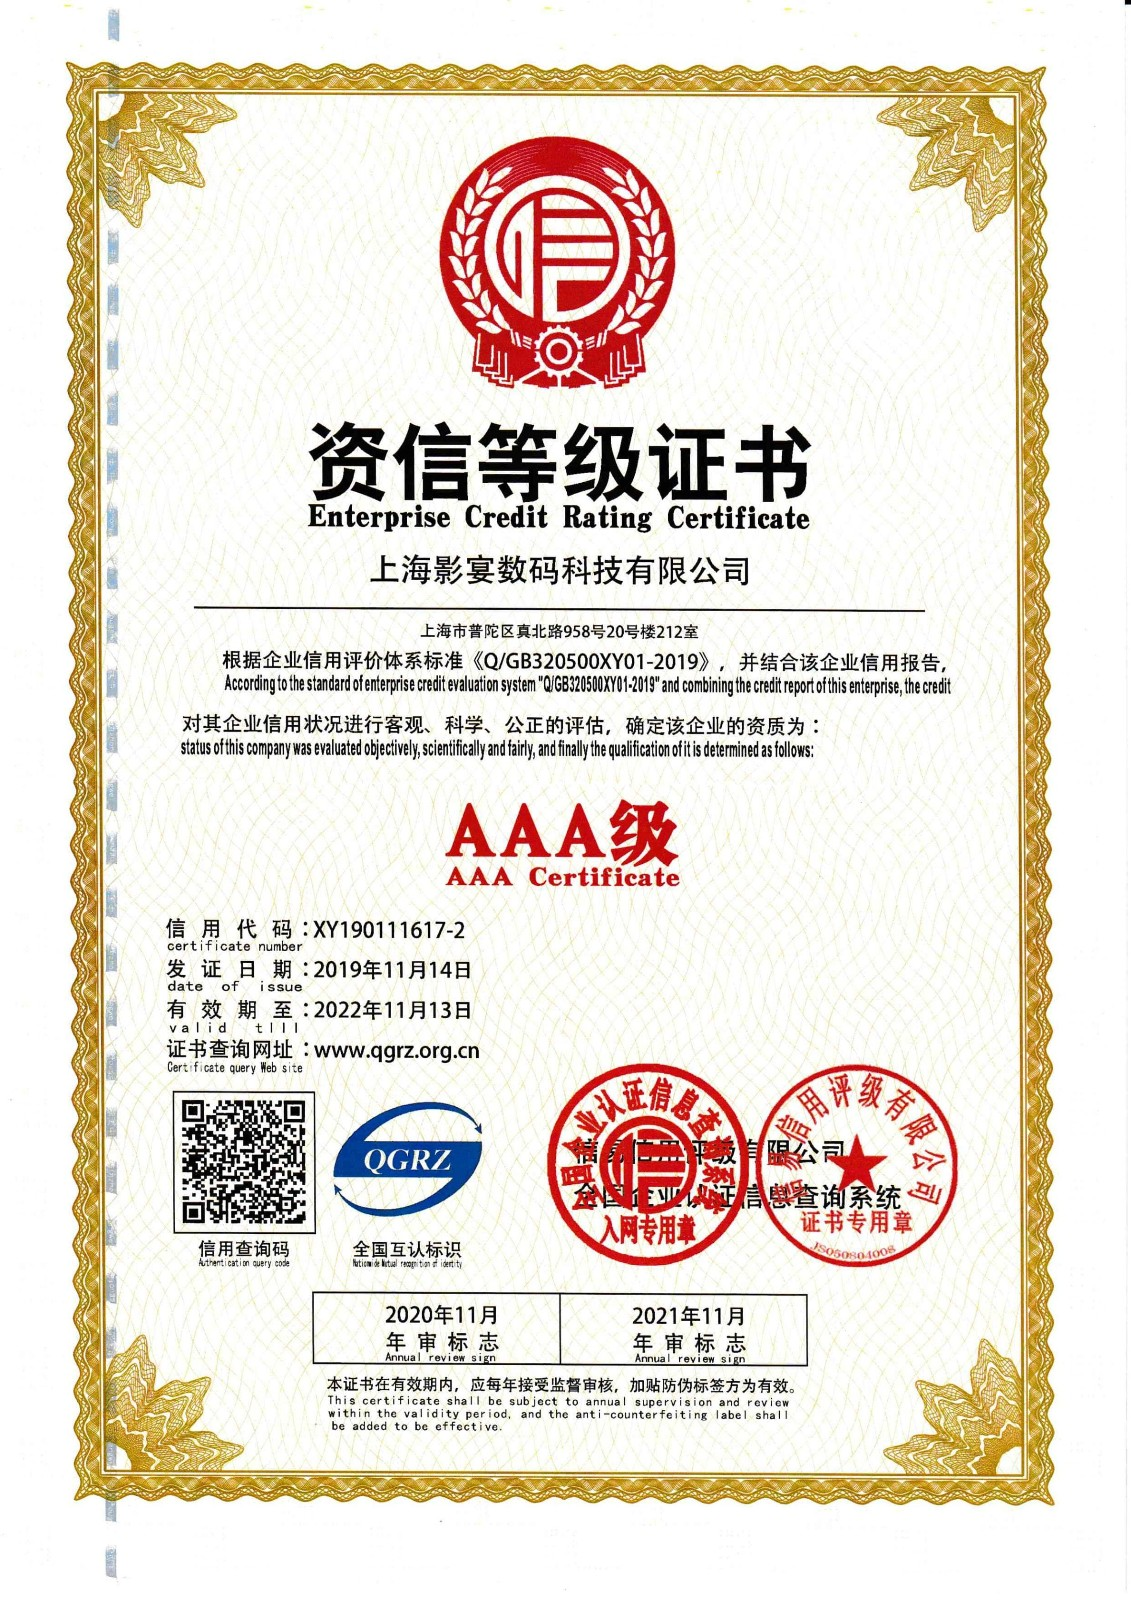 """热烈祝贺大宴影视(上海影宴数码科技有限公司)获2020年""""AAA""""资信等级认定"""